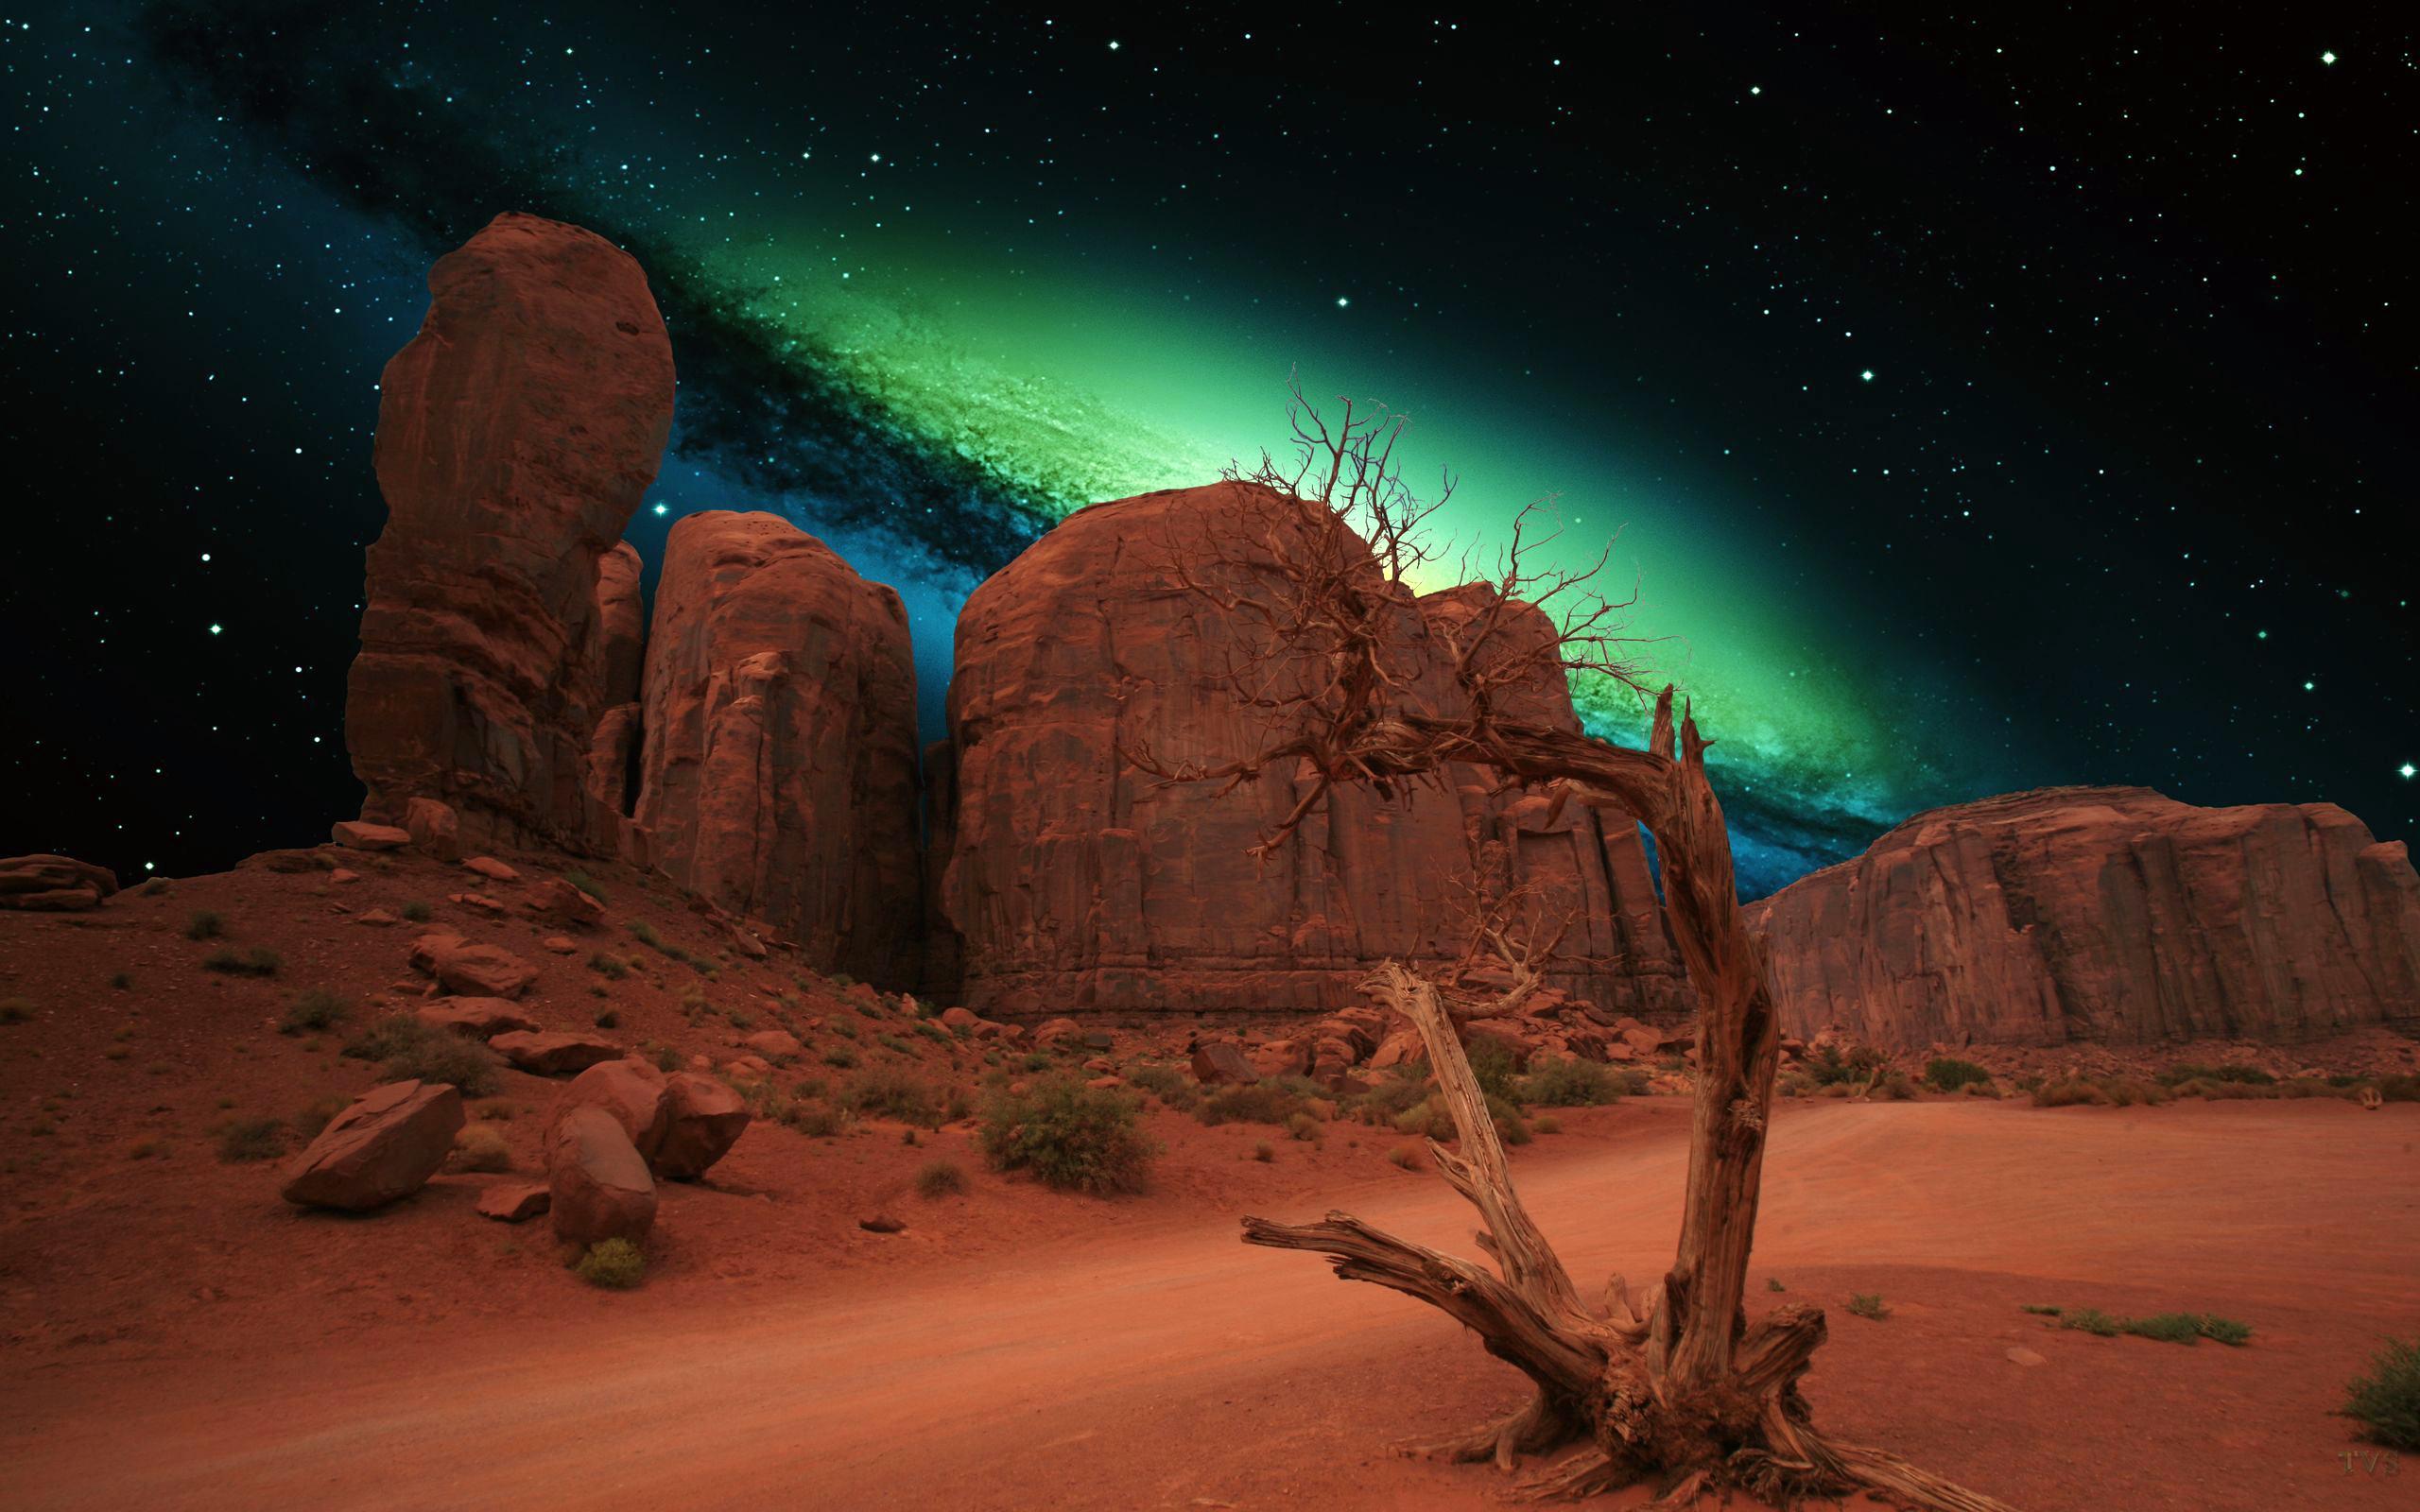 ночь, пустыня, галактика